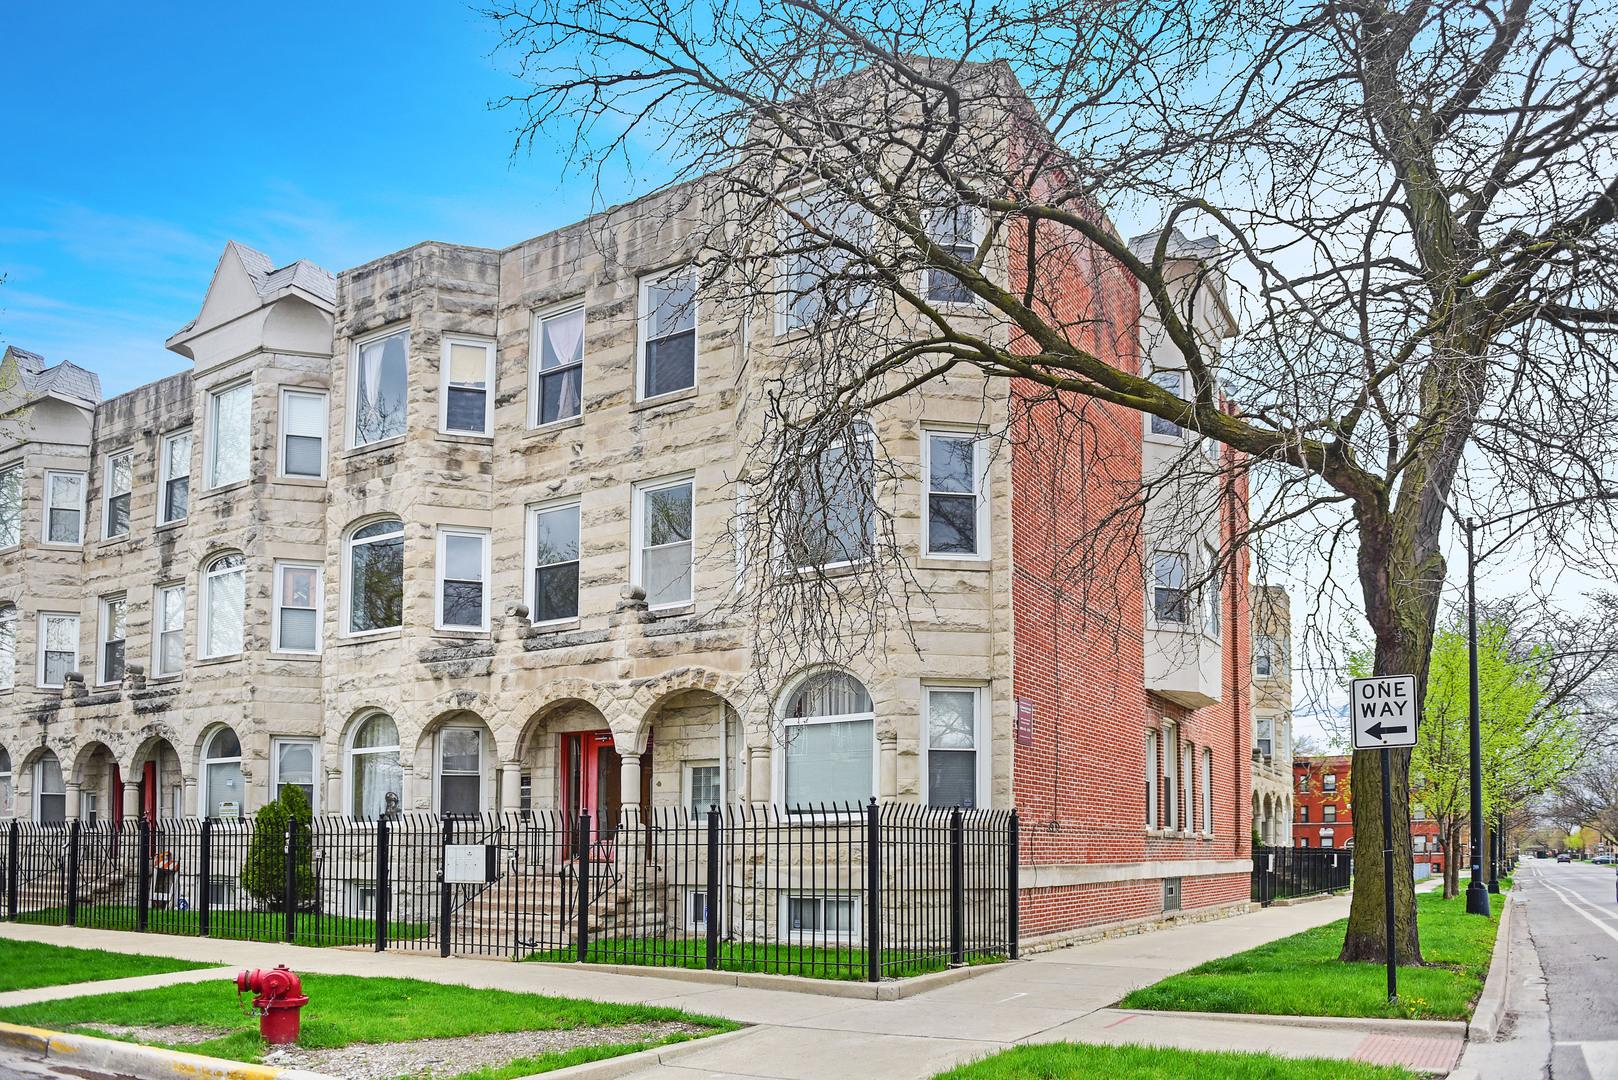 6559 University Unit Unit 205 ,Chicago, Illinois 60637